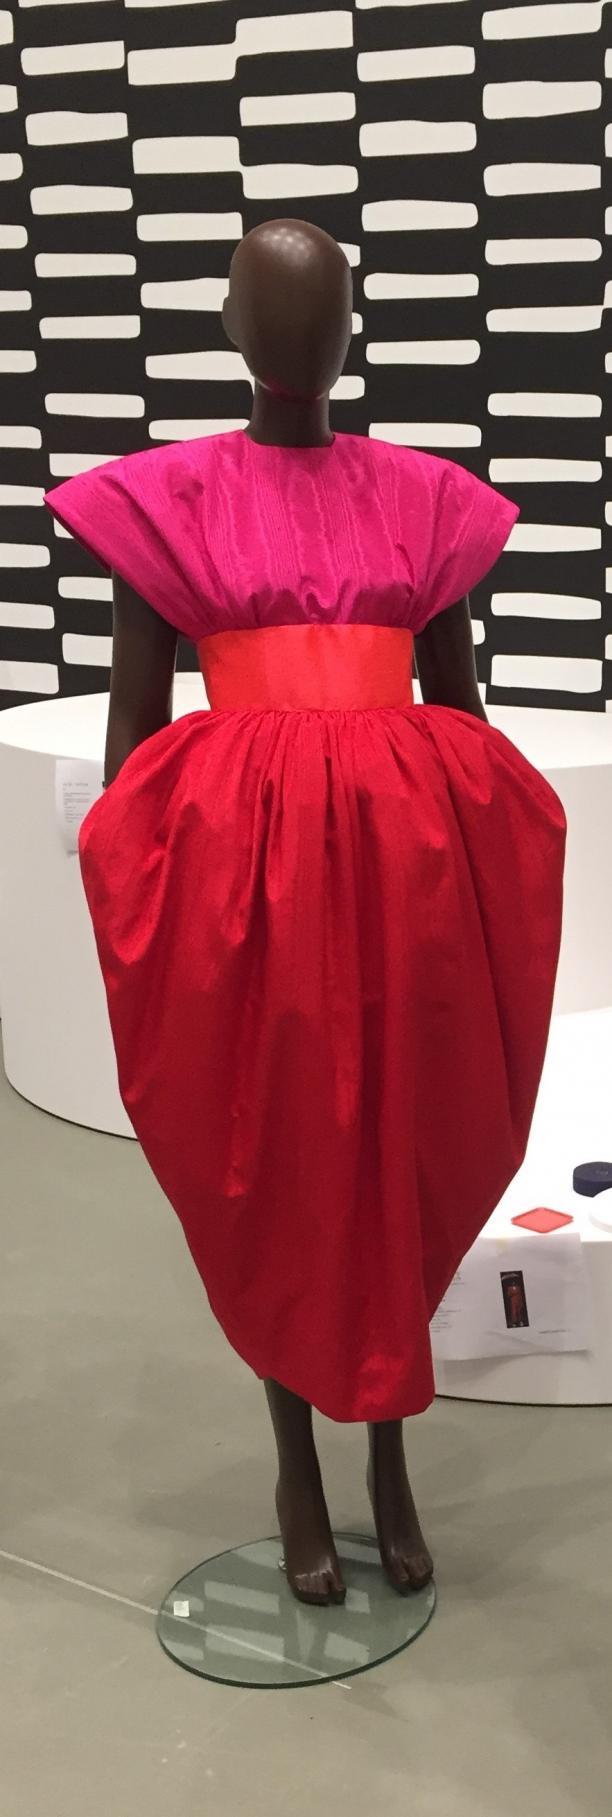 Foto van jurk op mannequin.